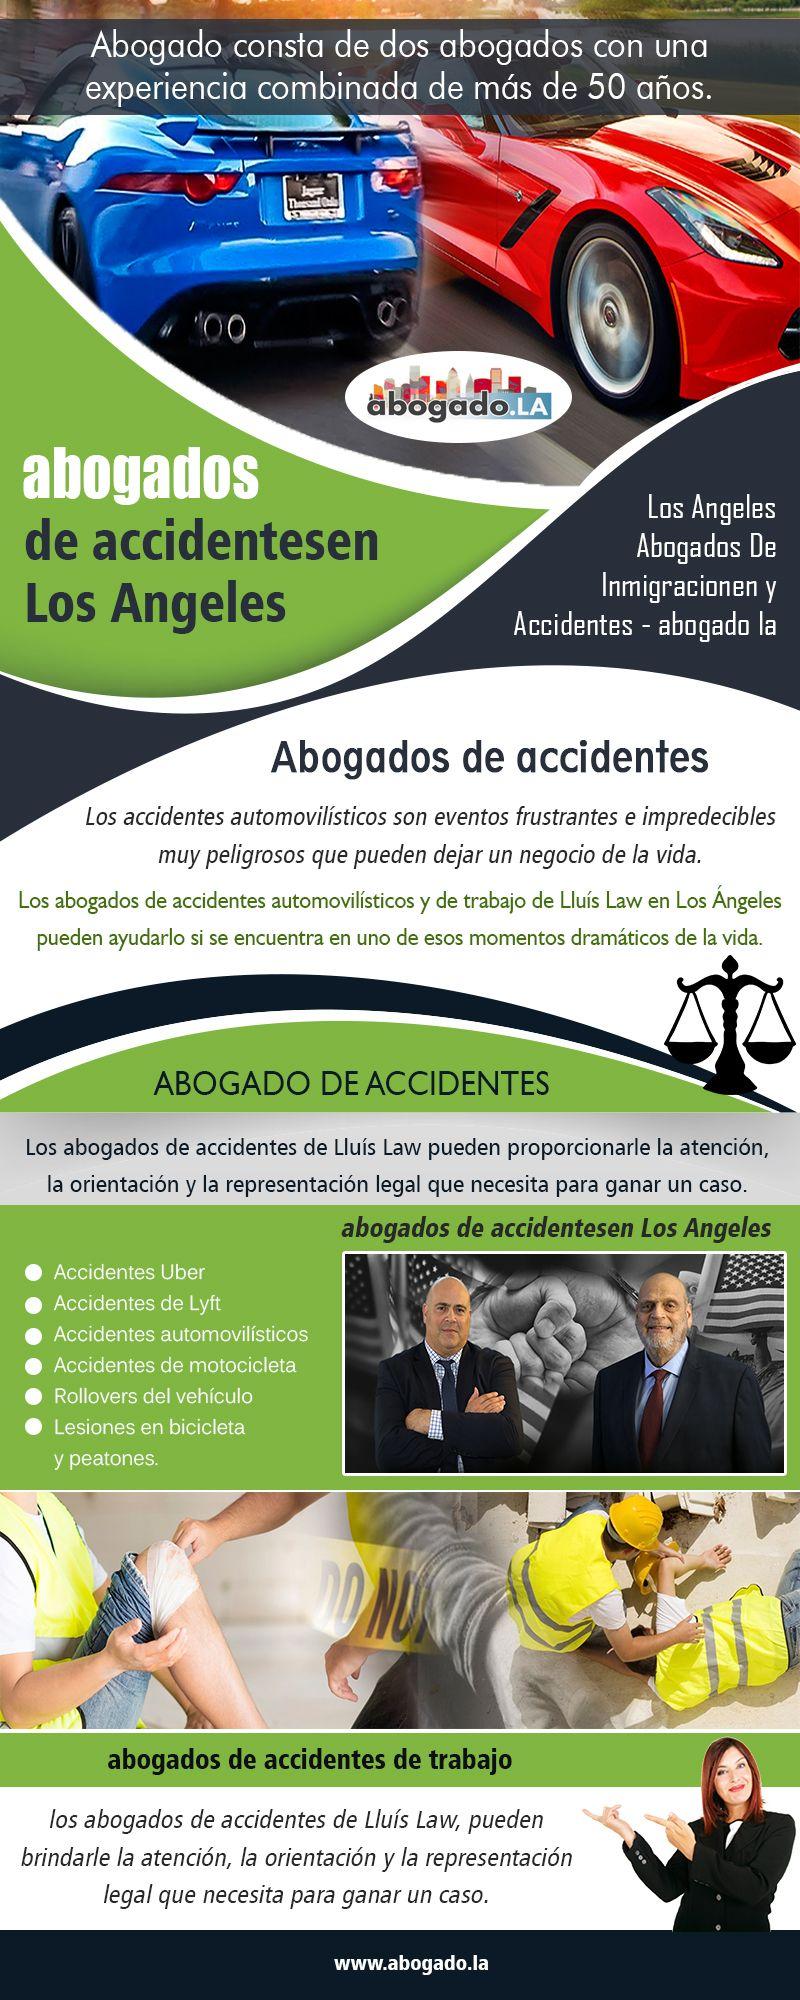 Los abogados con experiencia en daños físicos en san francisco servicio las ciudades cercanas: Abogados De Accidentesen Los Angeles   Call - 213-320-0777